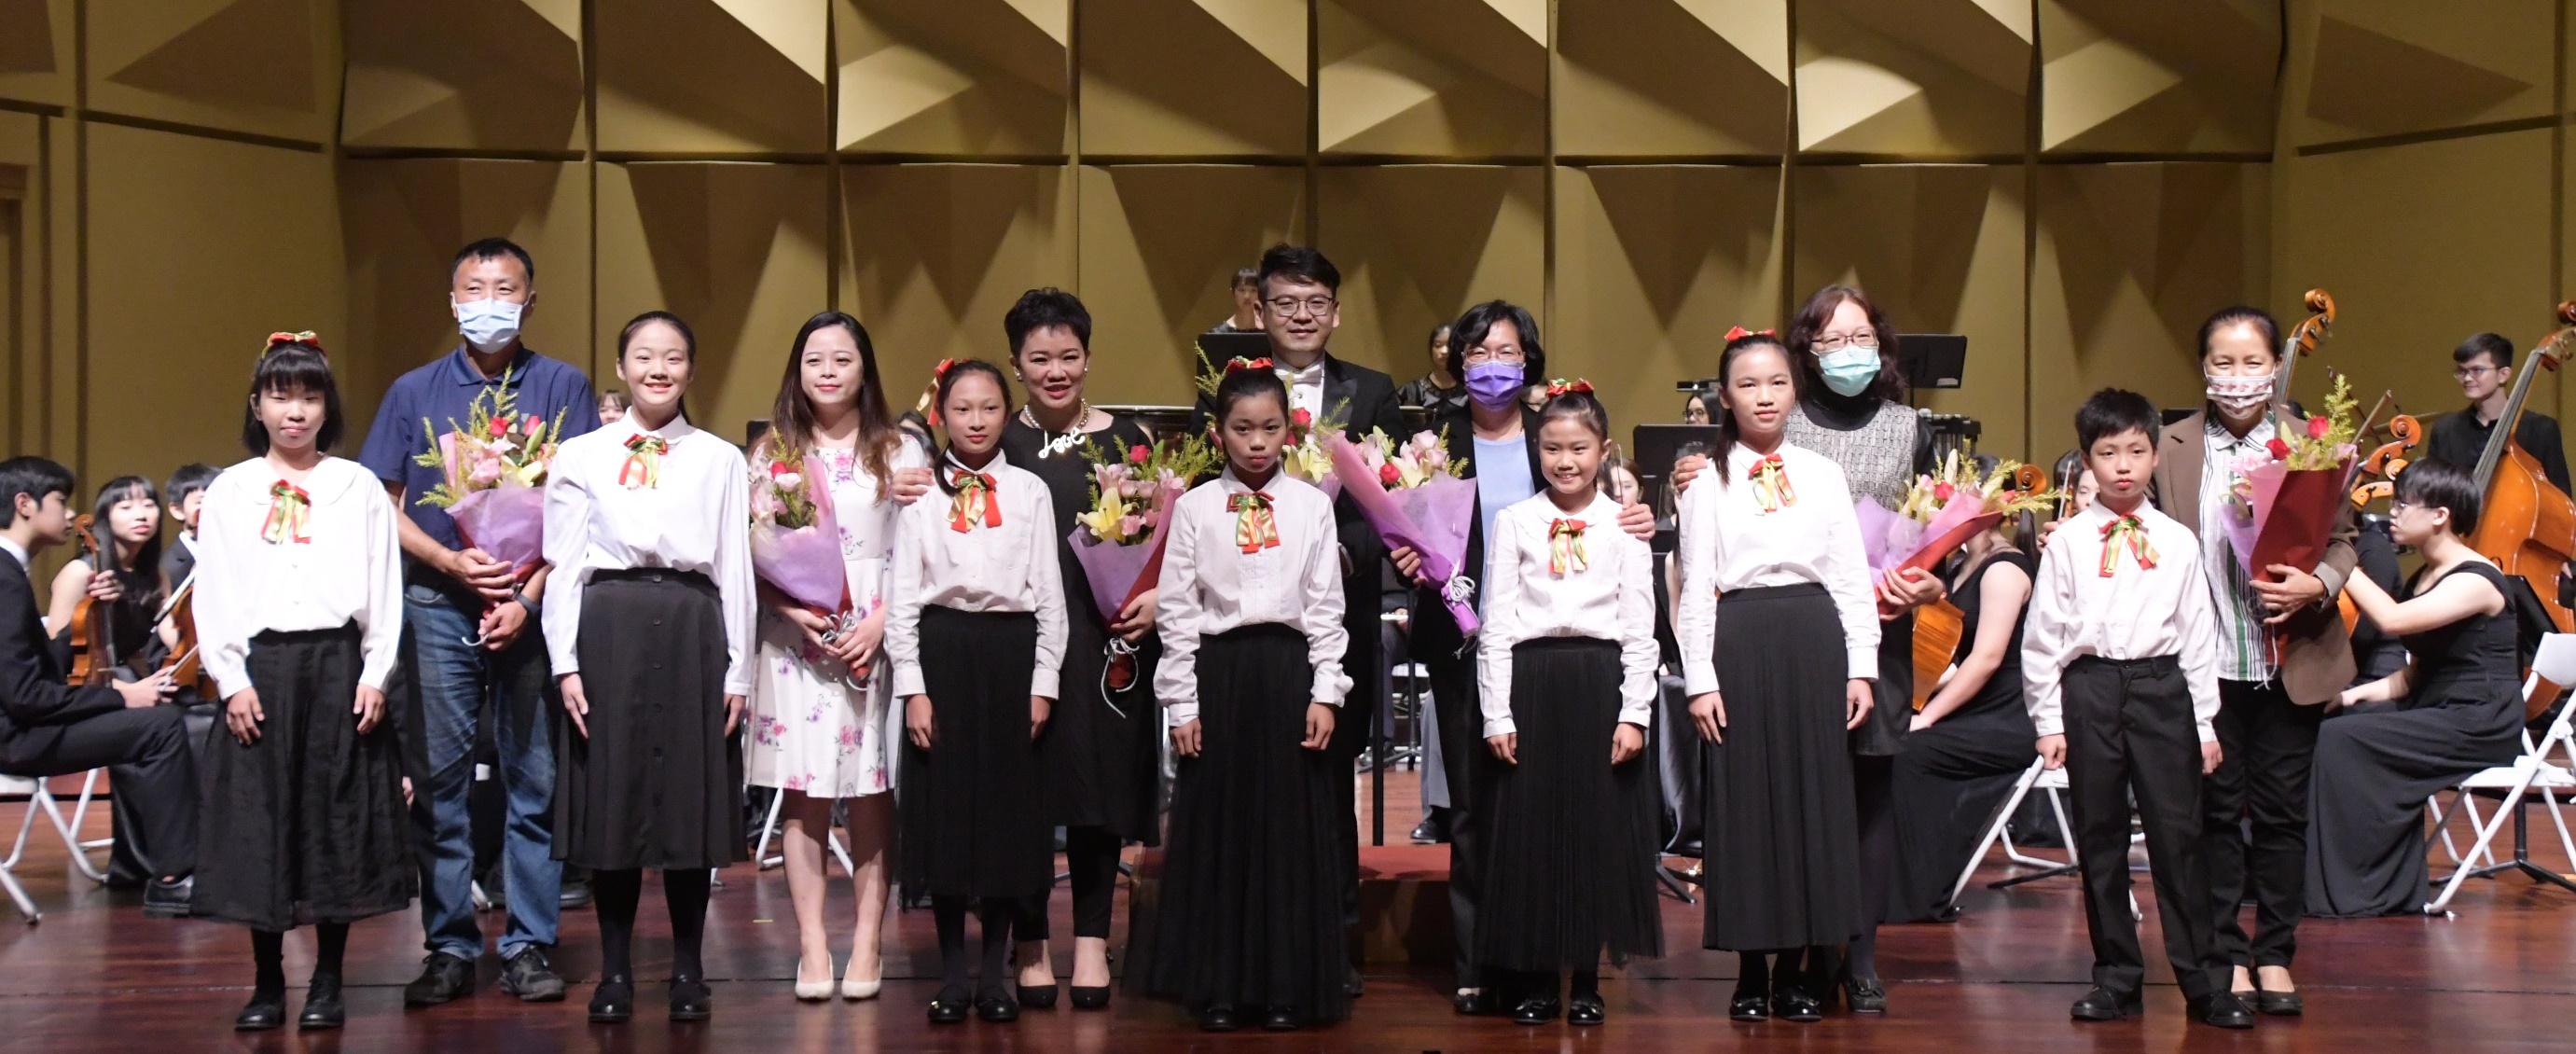 彰化縣立青少年管弦樂團暨兒童弦樂團 109年度公演「齊樂聖誕音樂會」